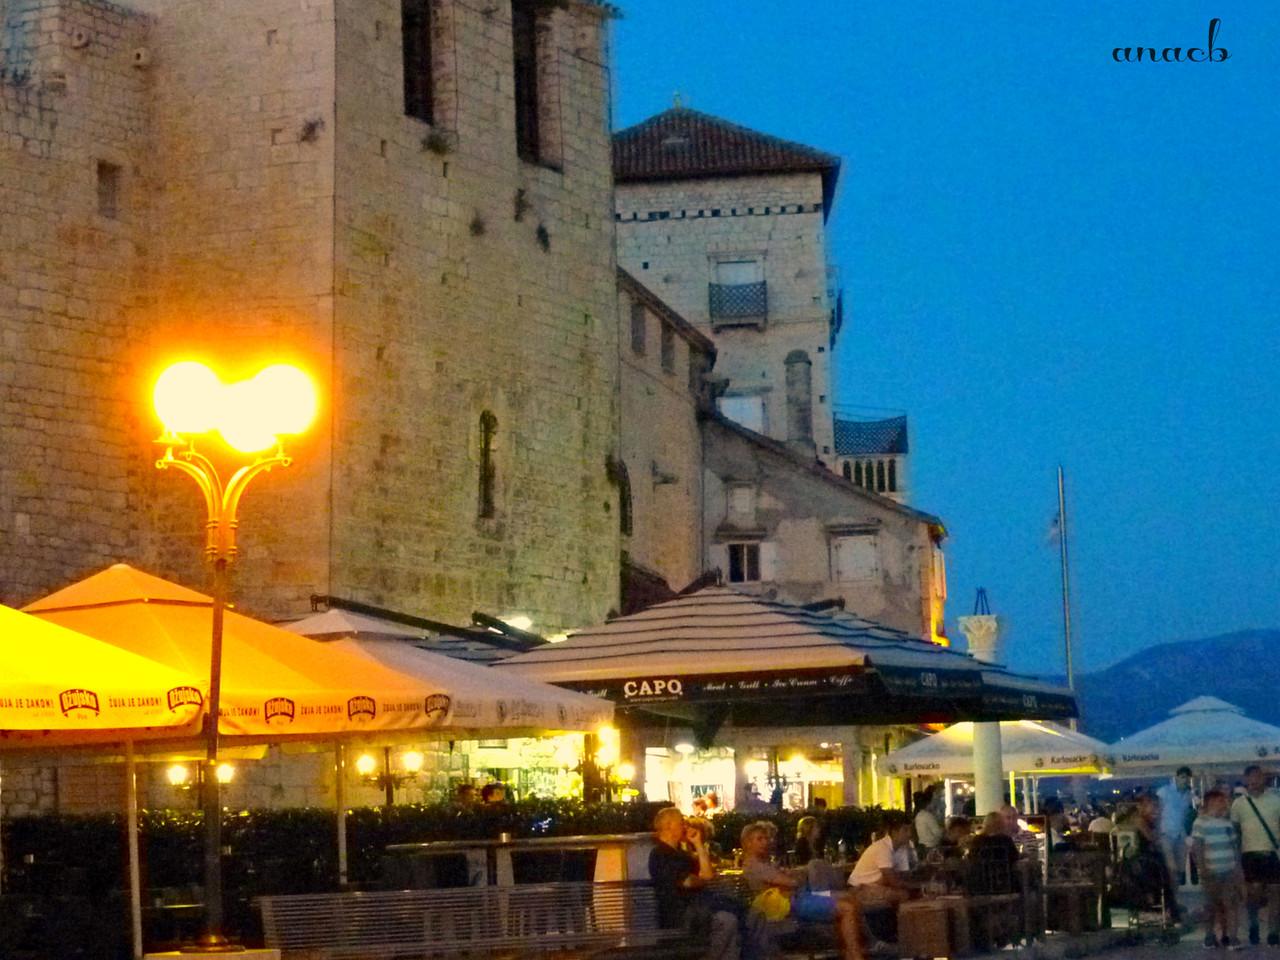 Trogir - St. Nicholas' fort - viajarporquesim.blog